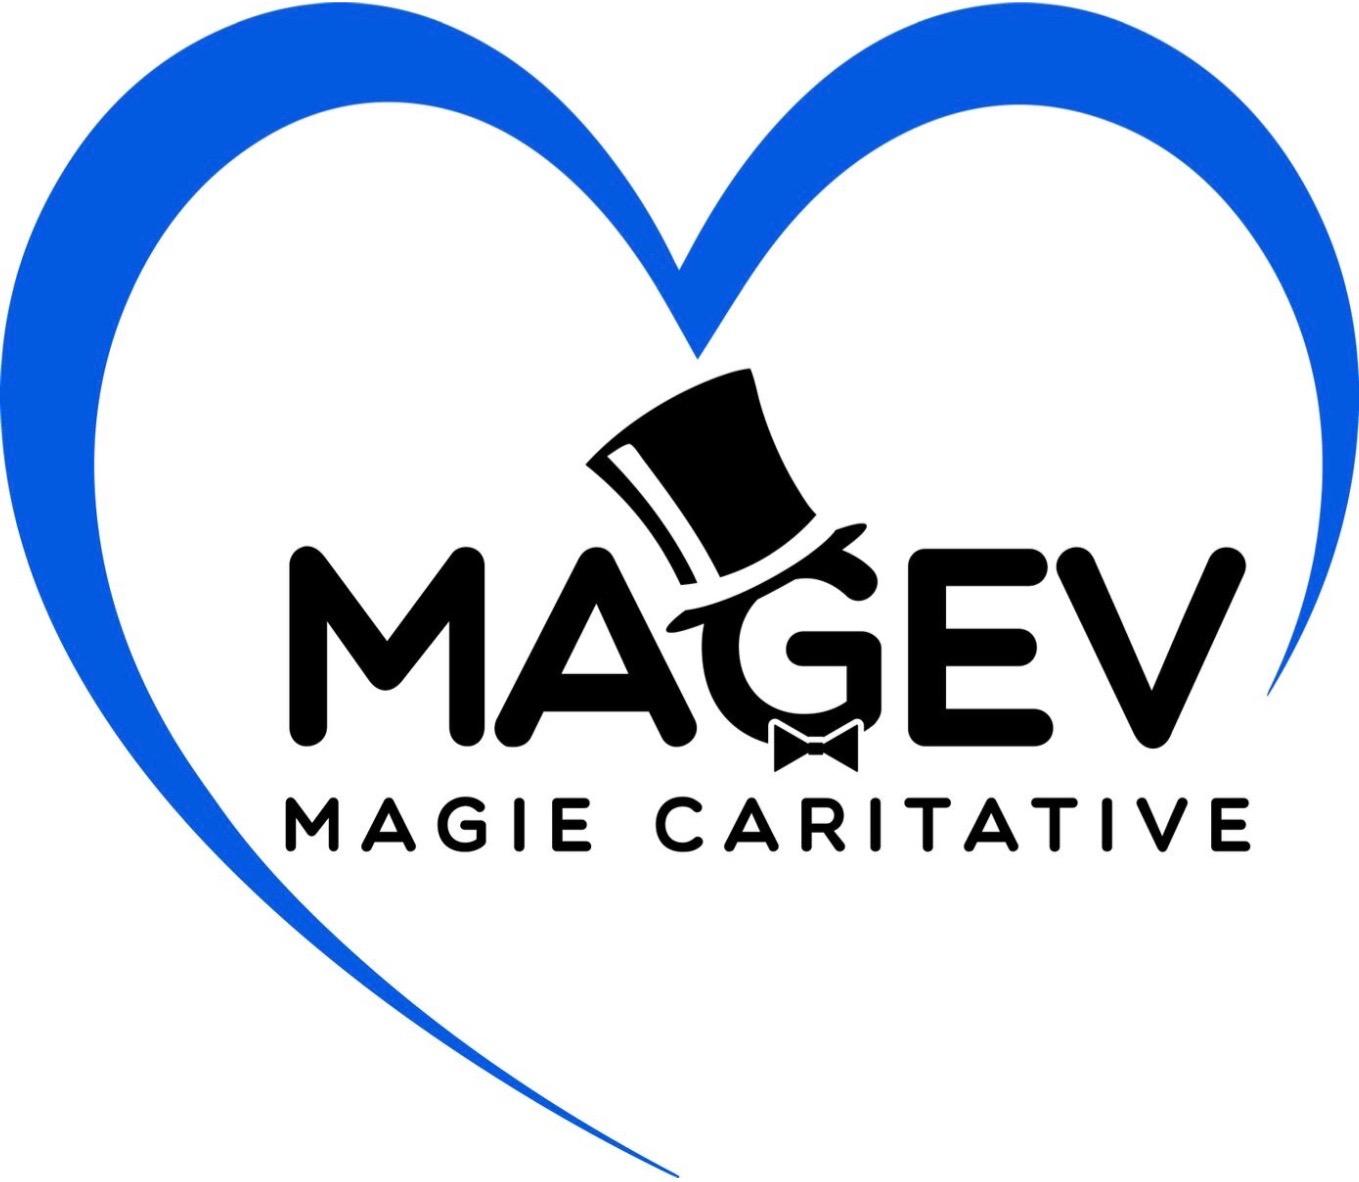 logo magev coeur magie caritative